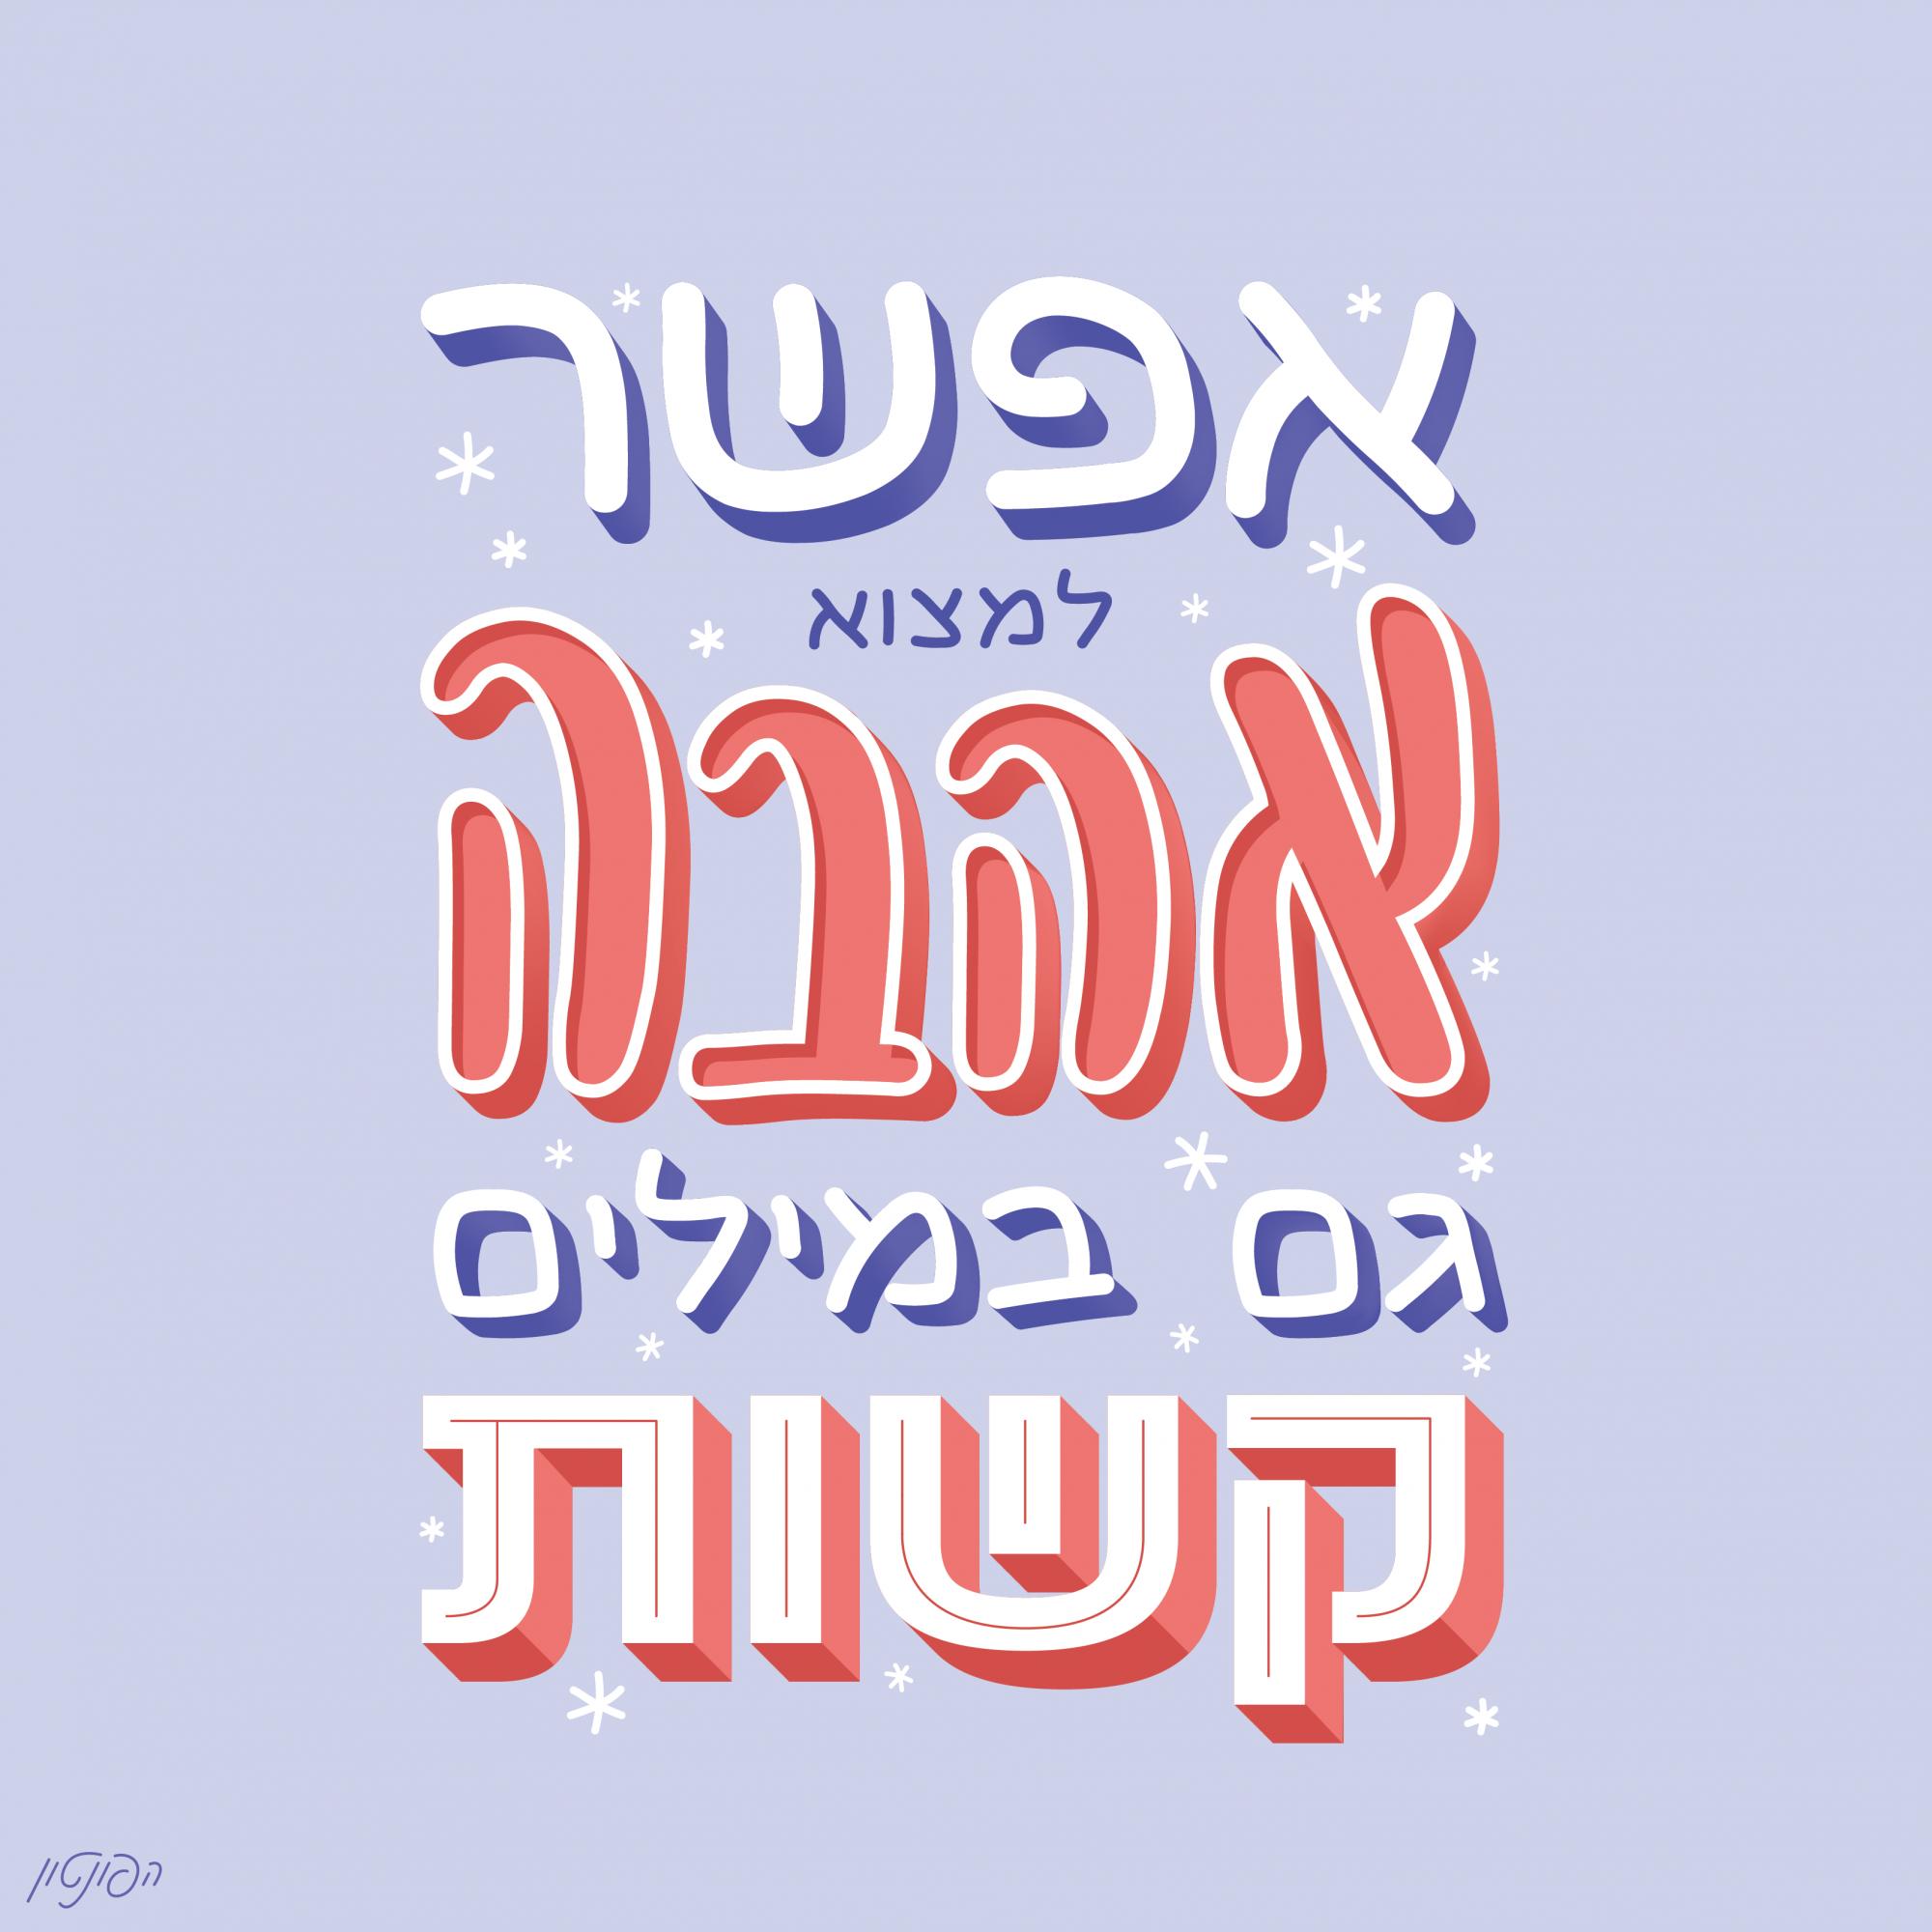 אפשר למצוא אהבה גם במילים קשות - עיצוב שכולו פונט בעברית בשם דליקטס